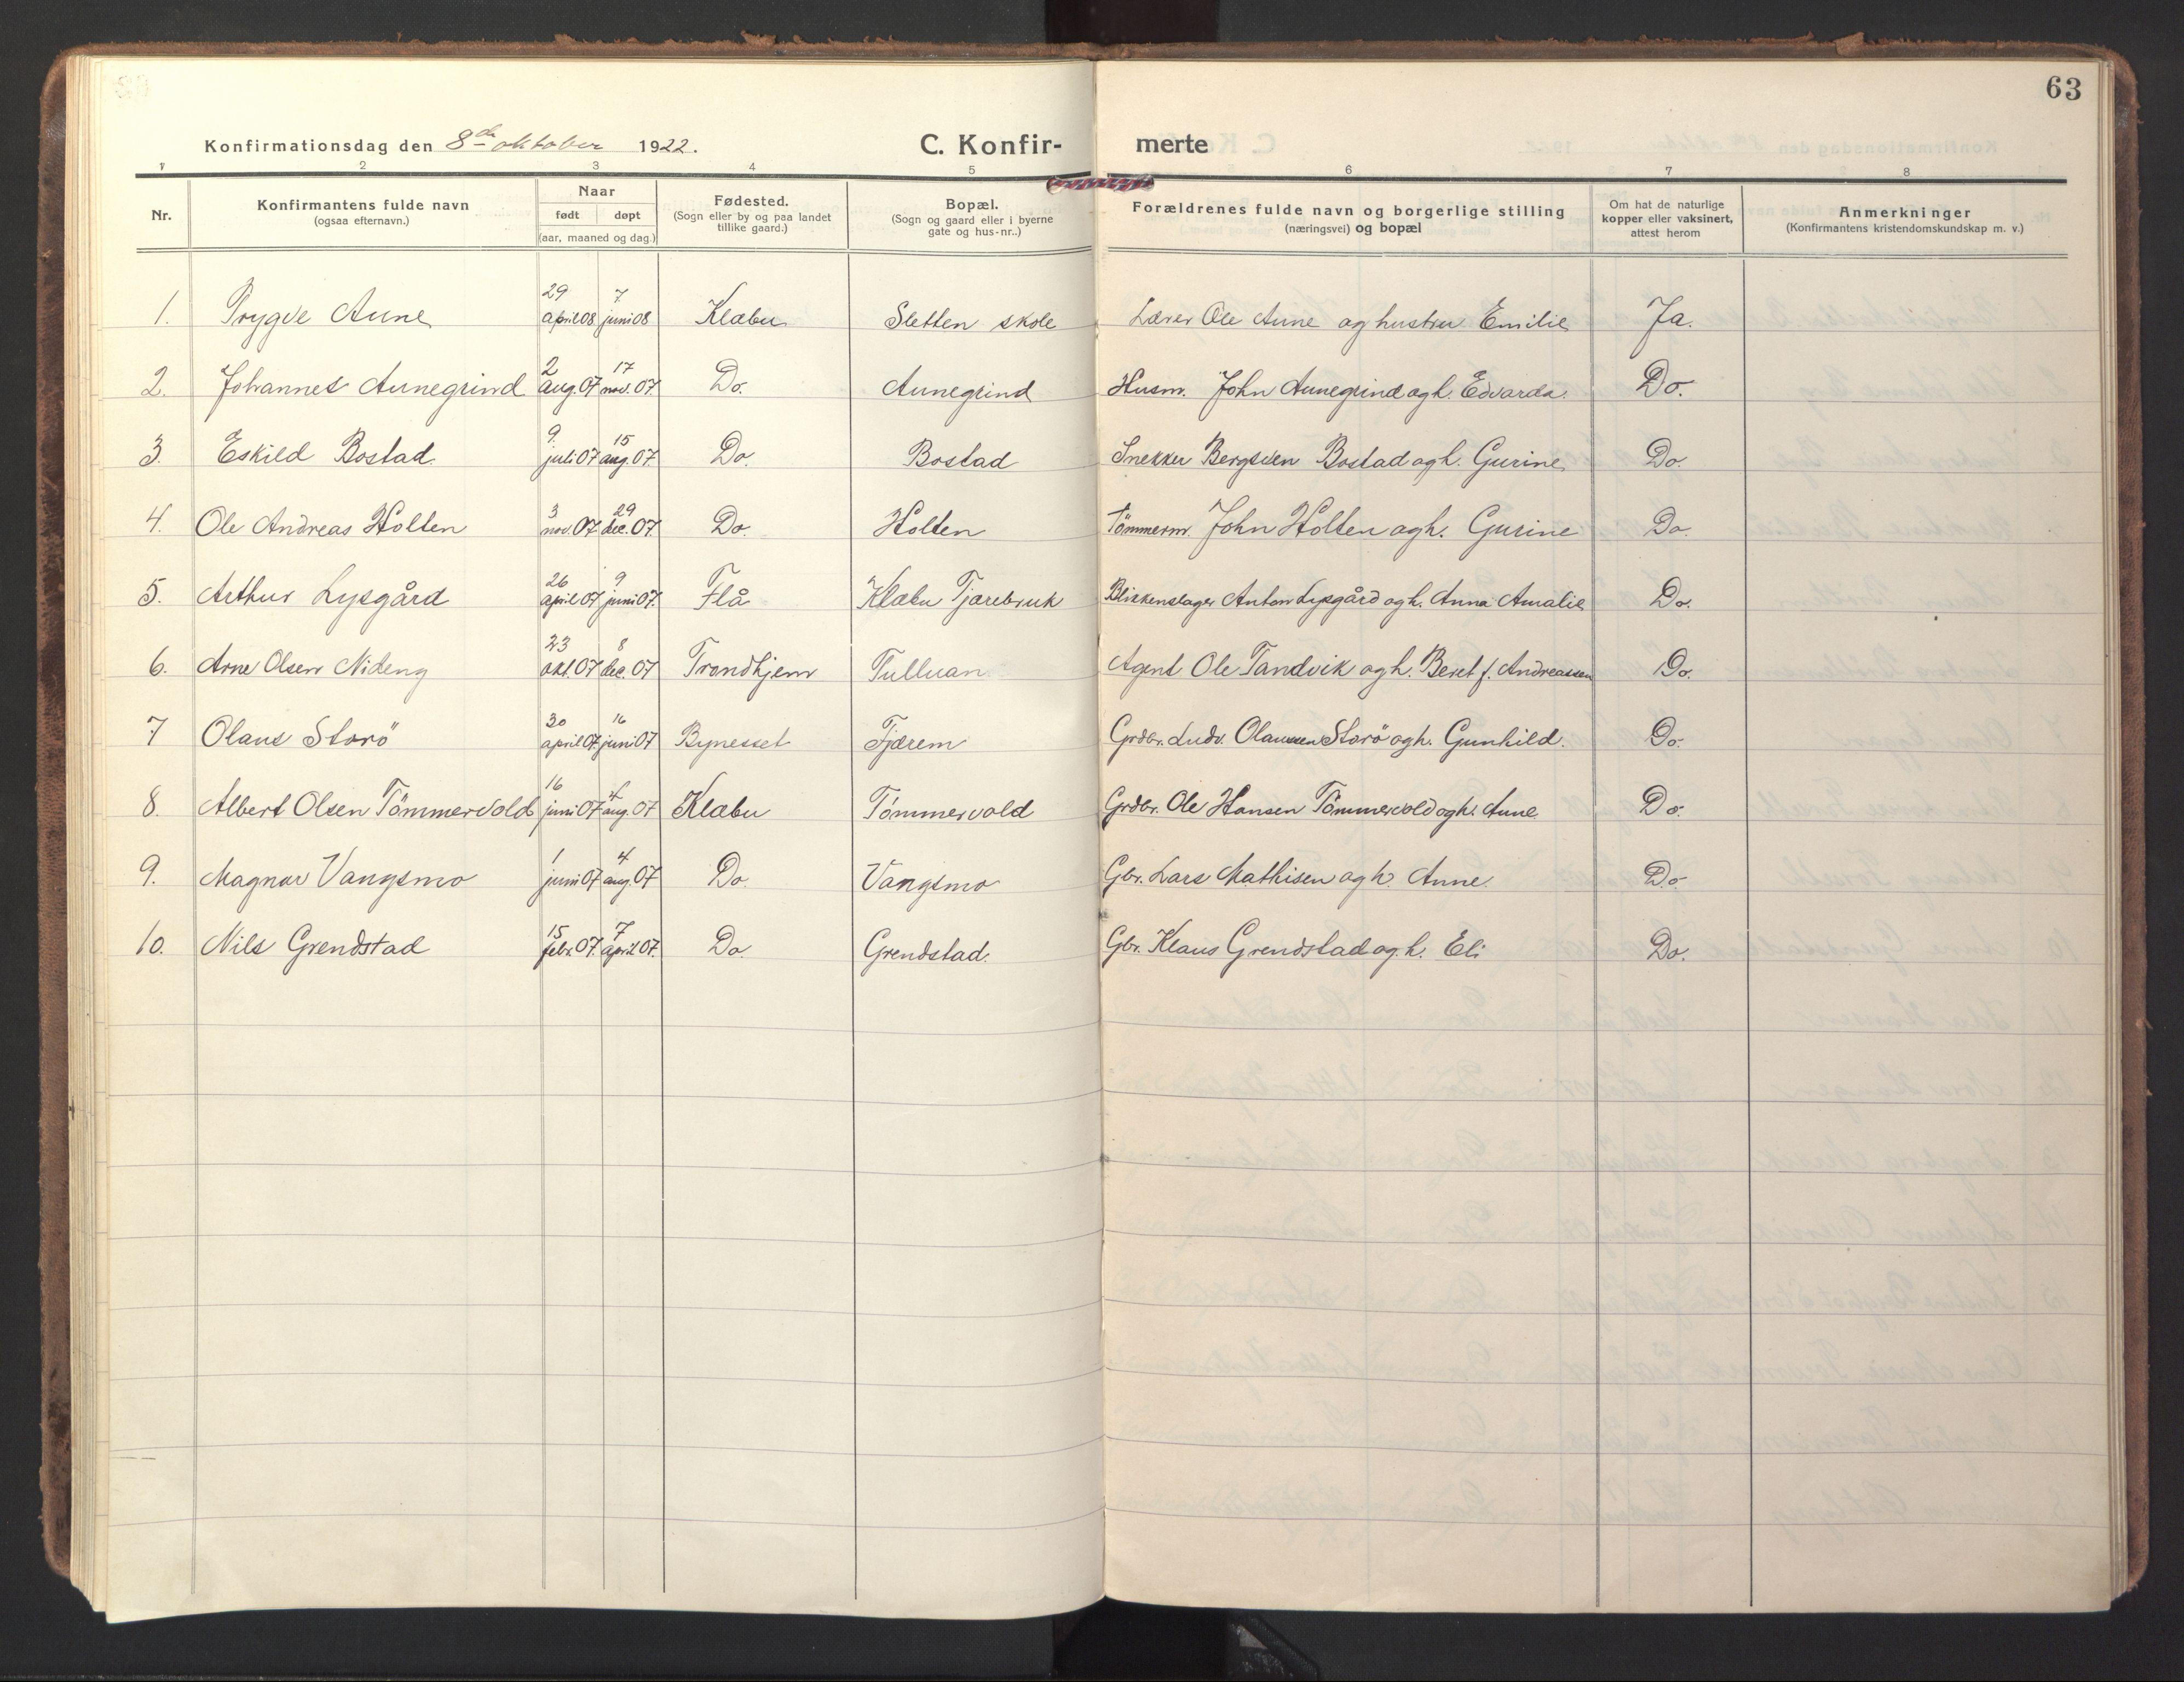 SAT, Ministerialprotokoller, klokkerbøker og fødselsregistre - Sør-Trøndelag, 618/L0449: Ministerialbok nr. 618A12, 1917-1924, s. 63